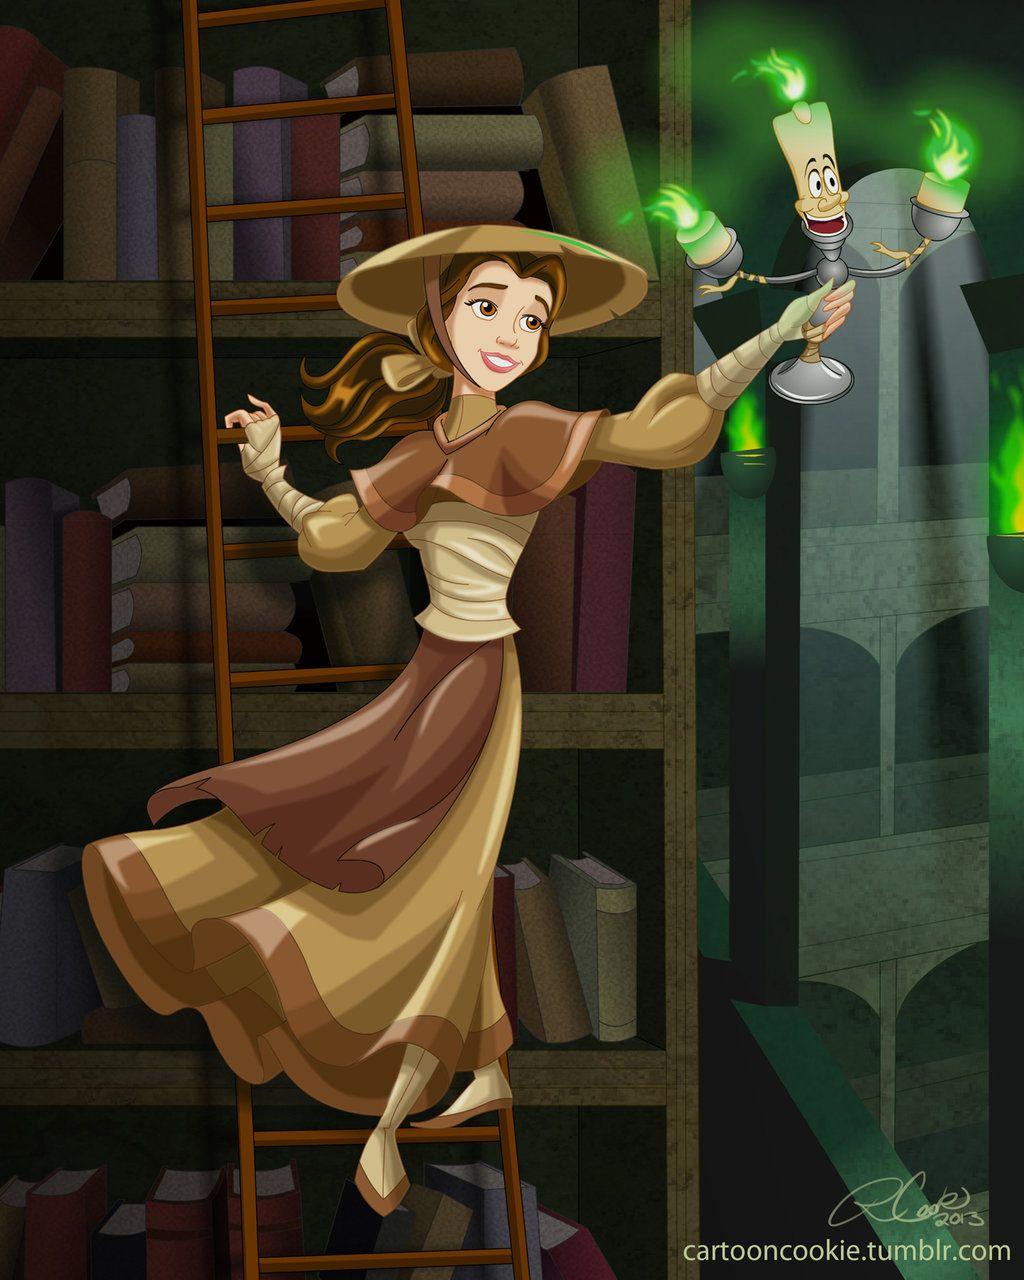 Disney princesses as airbender legend of korra characters disney princesses as airbender legend of korra characters voltagebd Image collections